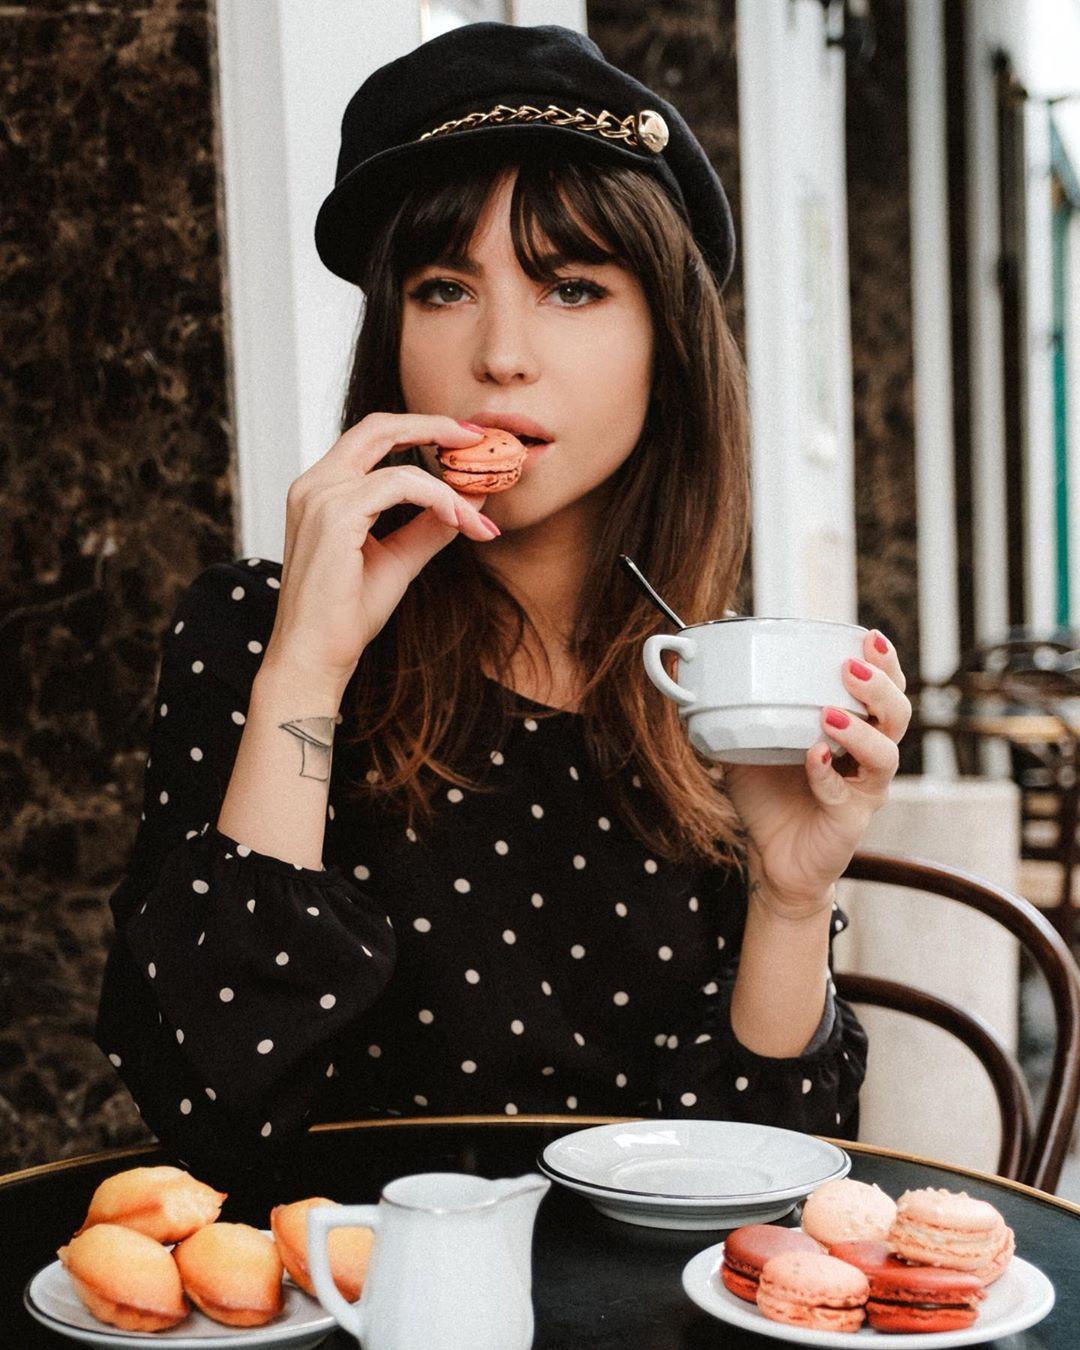 3 điều phụ nữ Pháp luôn tuân thủ khi dùng kem chống nắng để đảm bảo da trẻ đẹp bền lâu, chẳng lo lão hóa - Ảnh 1